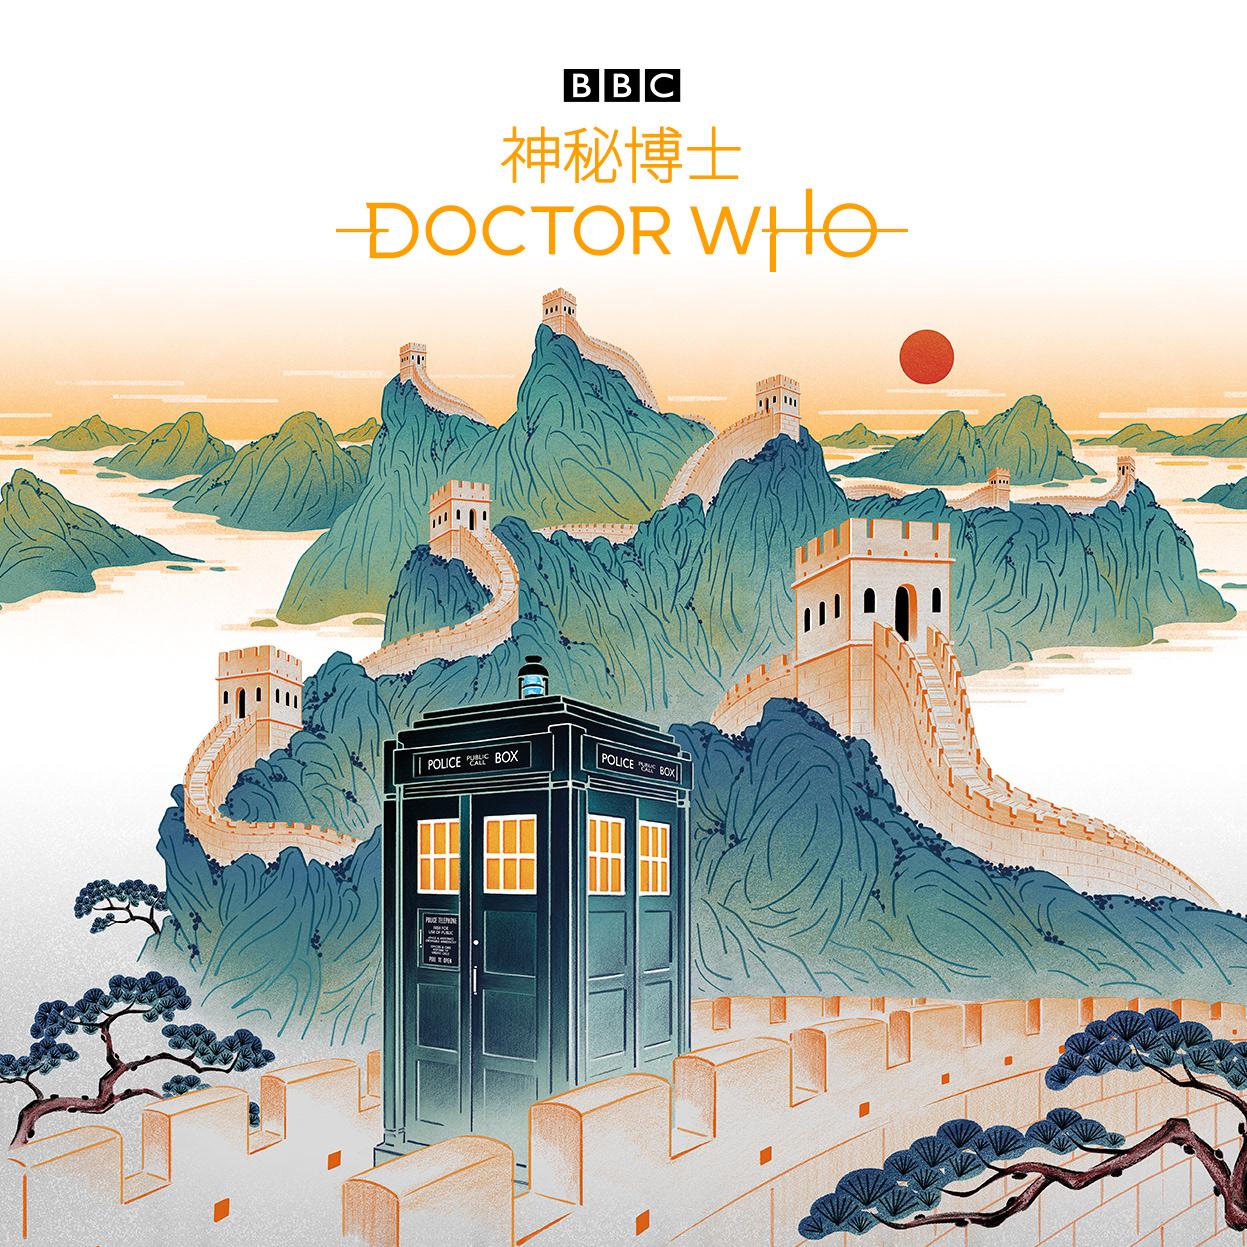 feifei-ruan-dr-who-01 Il TARDIS della serie Doctor Who si fa un viaggio in cina!